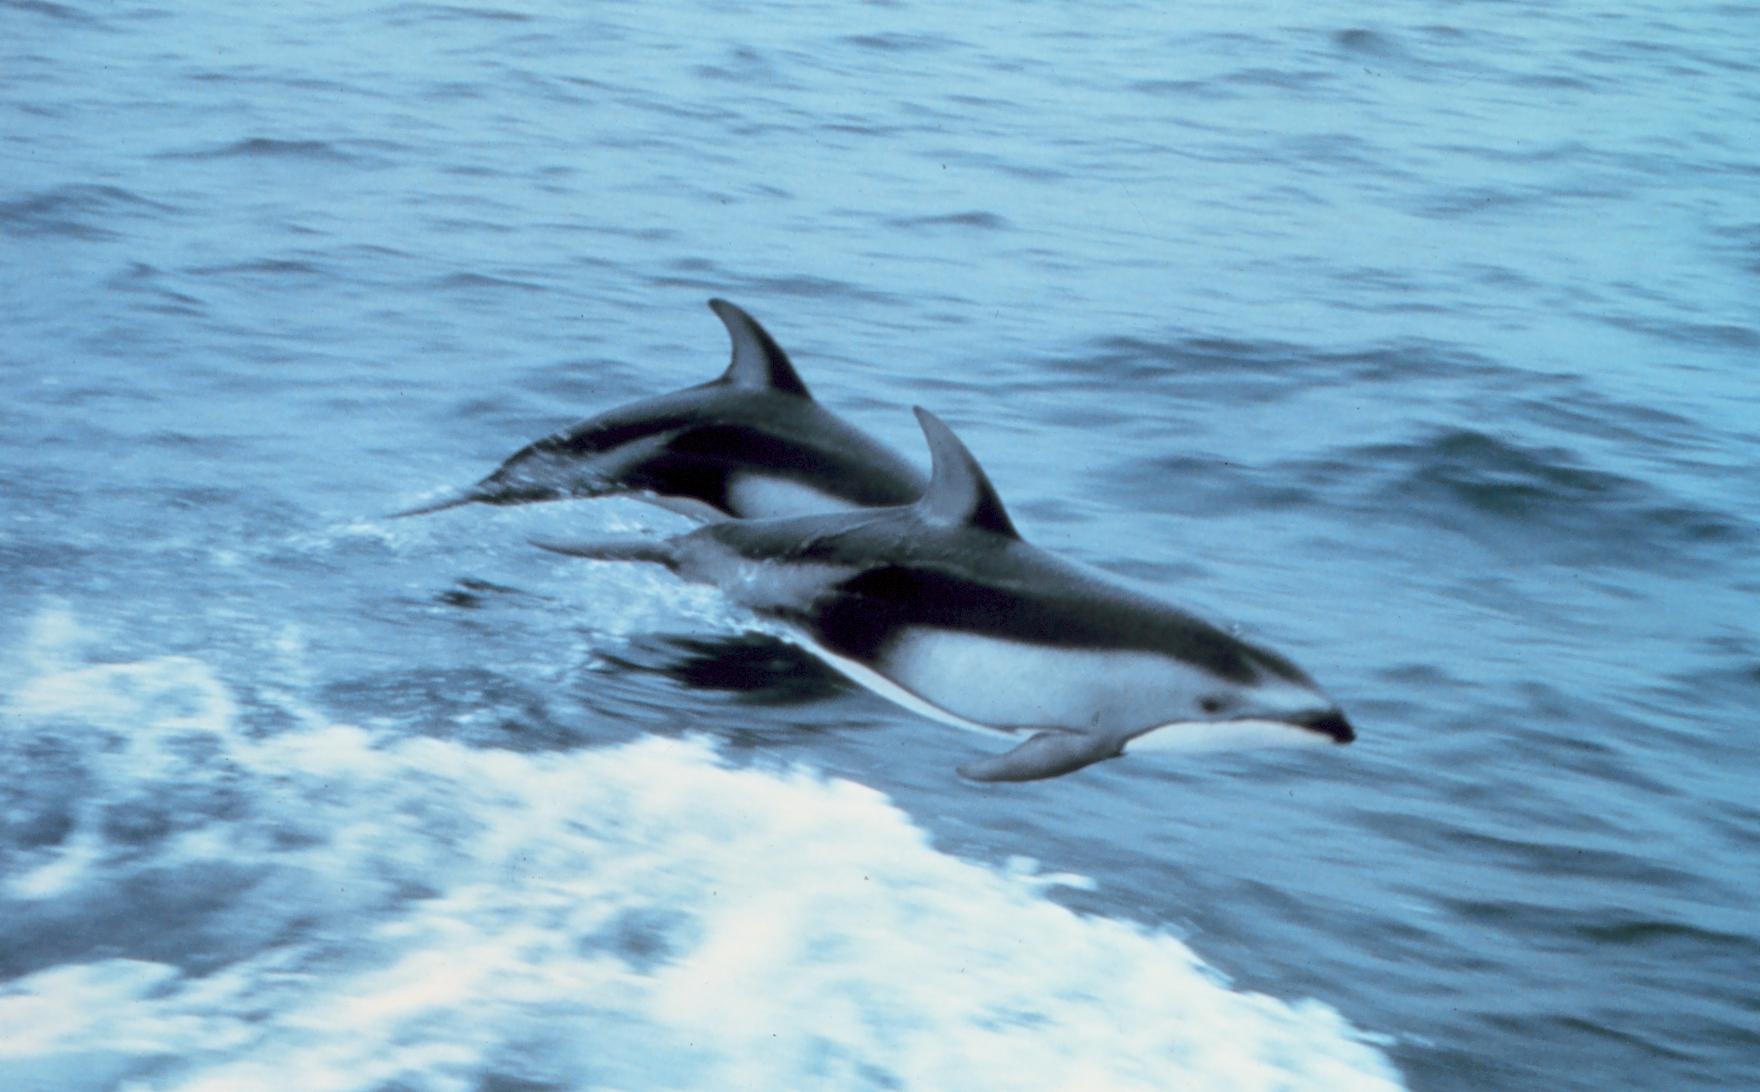 دلفين محيطي ويكيبيديا